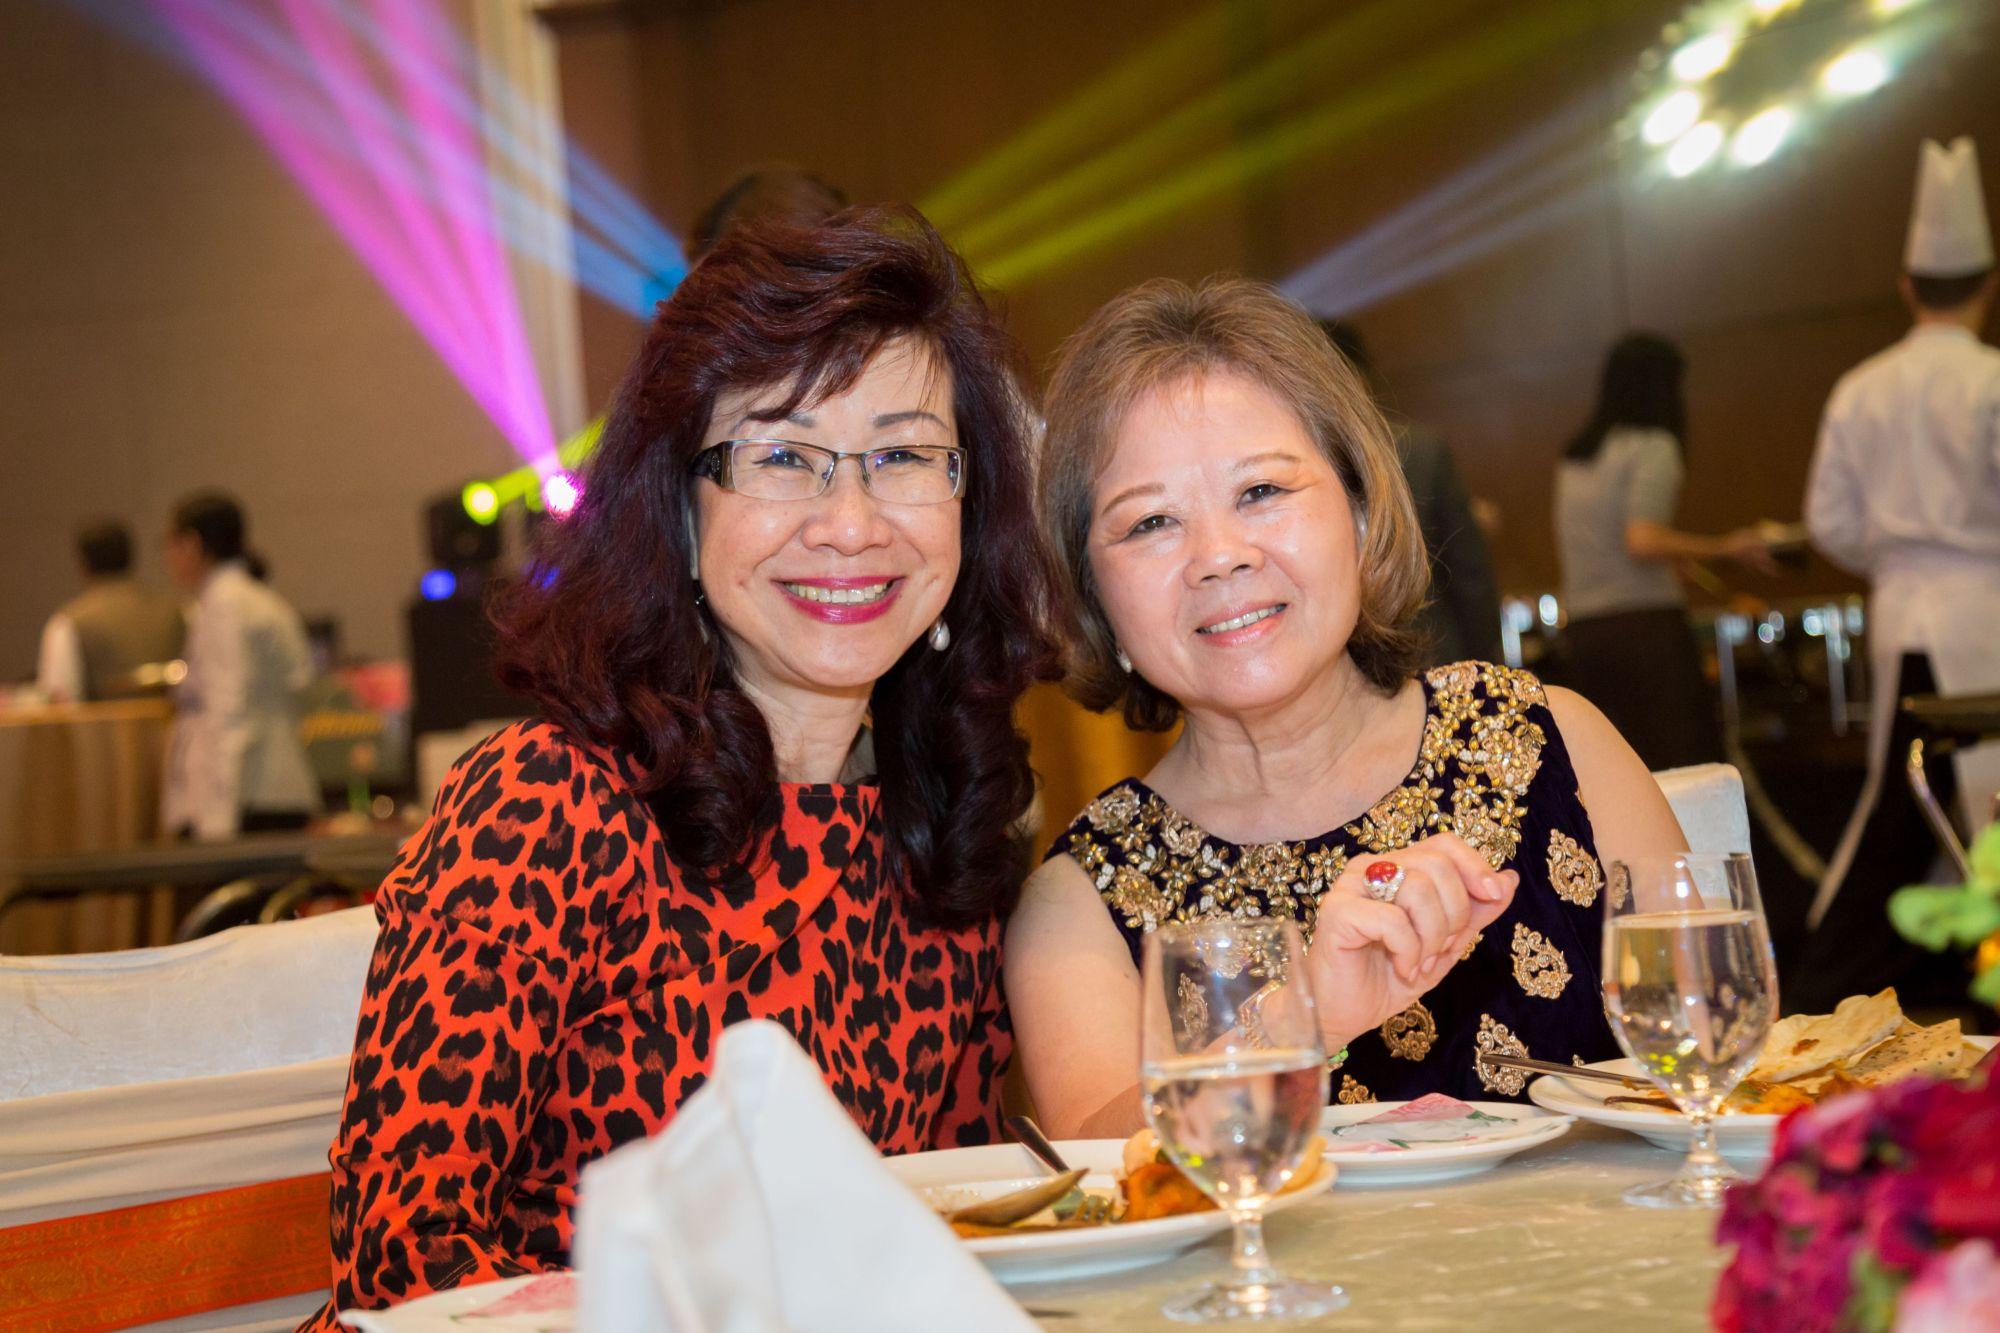 Florence Fang and Datin Sri Joyce Raymond